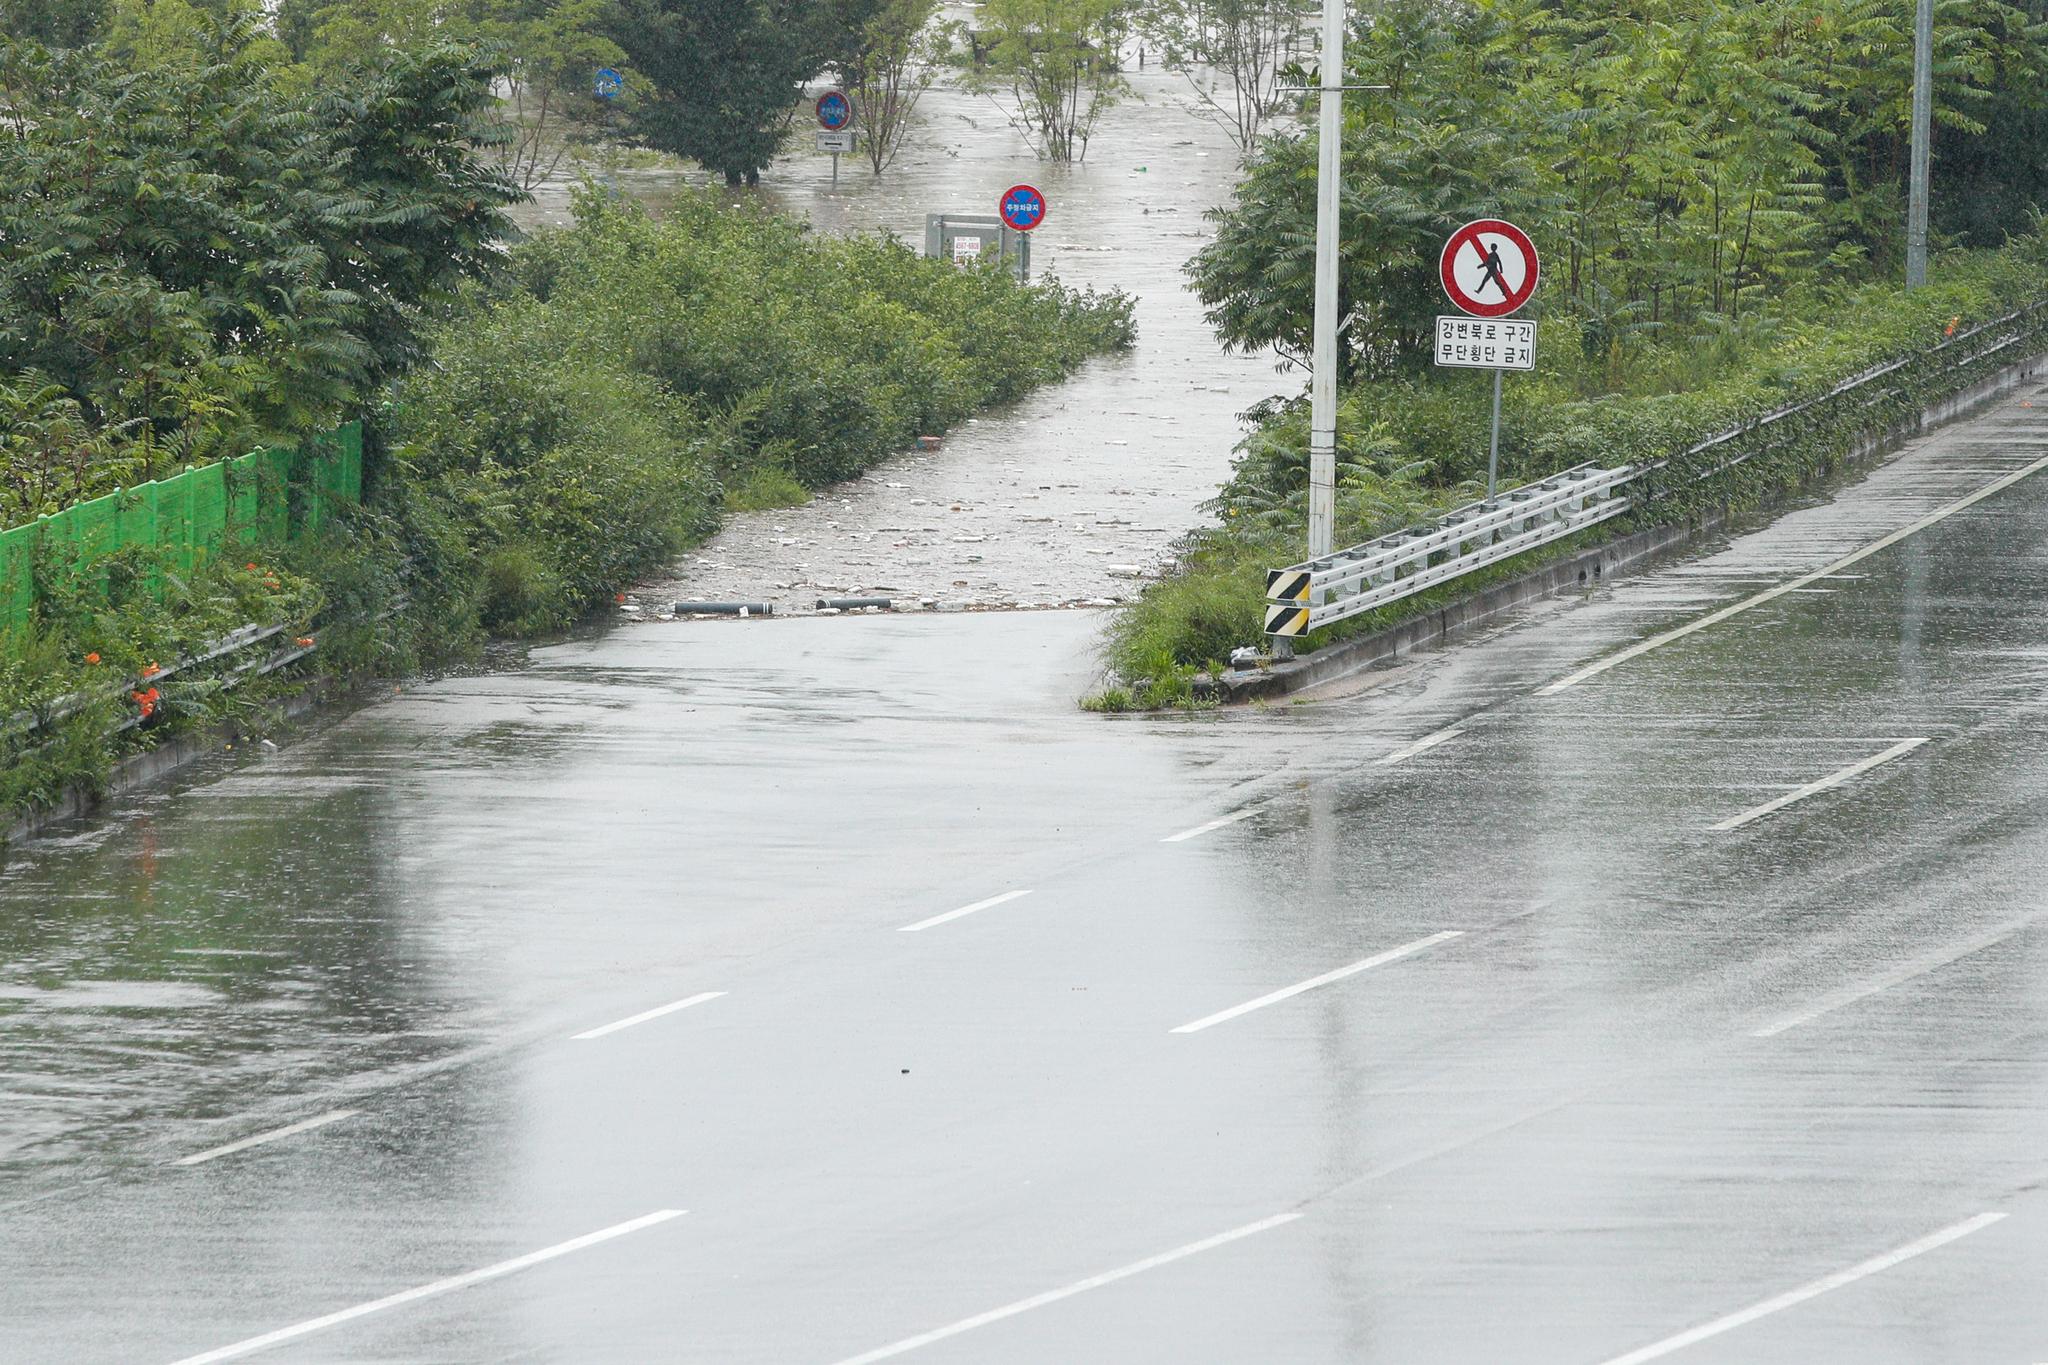 집중호우로 출근길 서울 주요 도로 곳곳이 통제된 6일 오전 서울 강변북로 한강대교 구간이 통제된 가운데 강물과 부유물이 입구까지 차올라 있다. 뉴스1